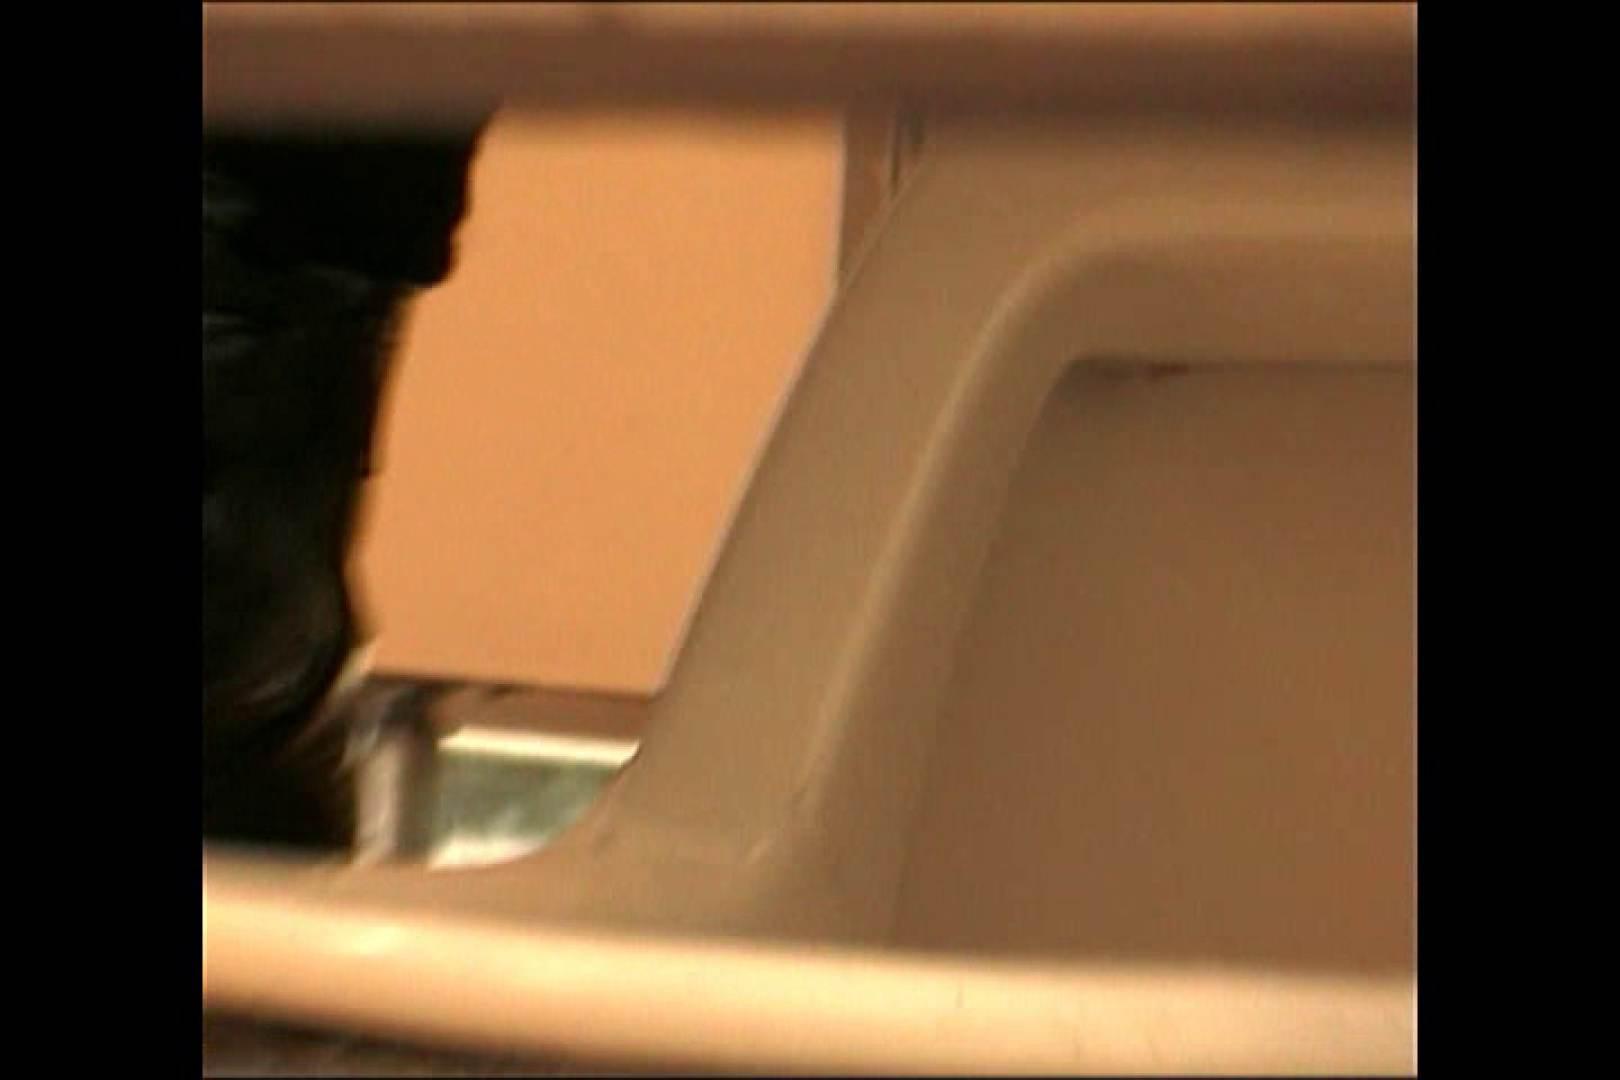 マンコ丸見え女子洗面所Vol.14 丸見え のぞき濡れ場動画紹介 92pic 11